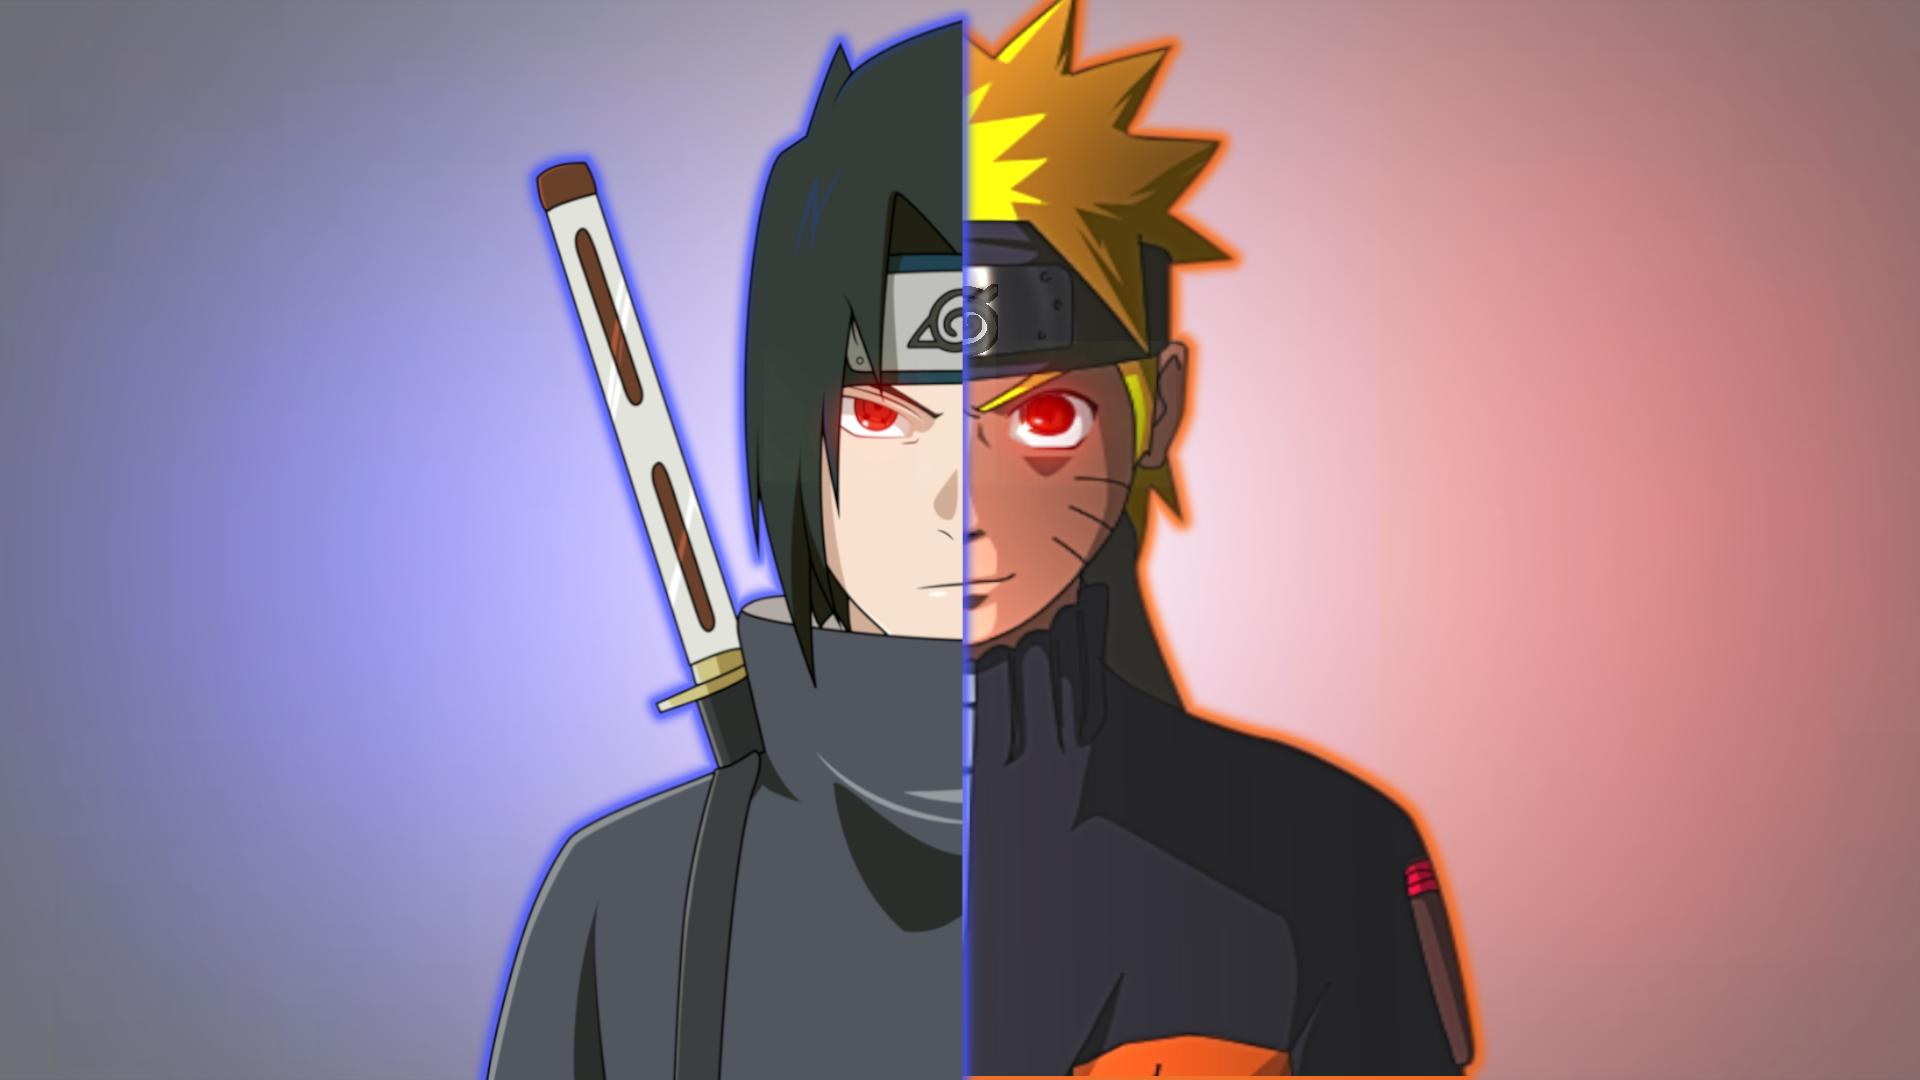 3 36622 naruto vs sasuke wallpaper hd